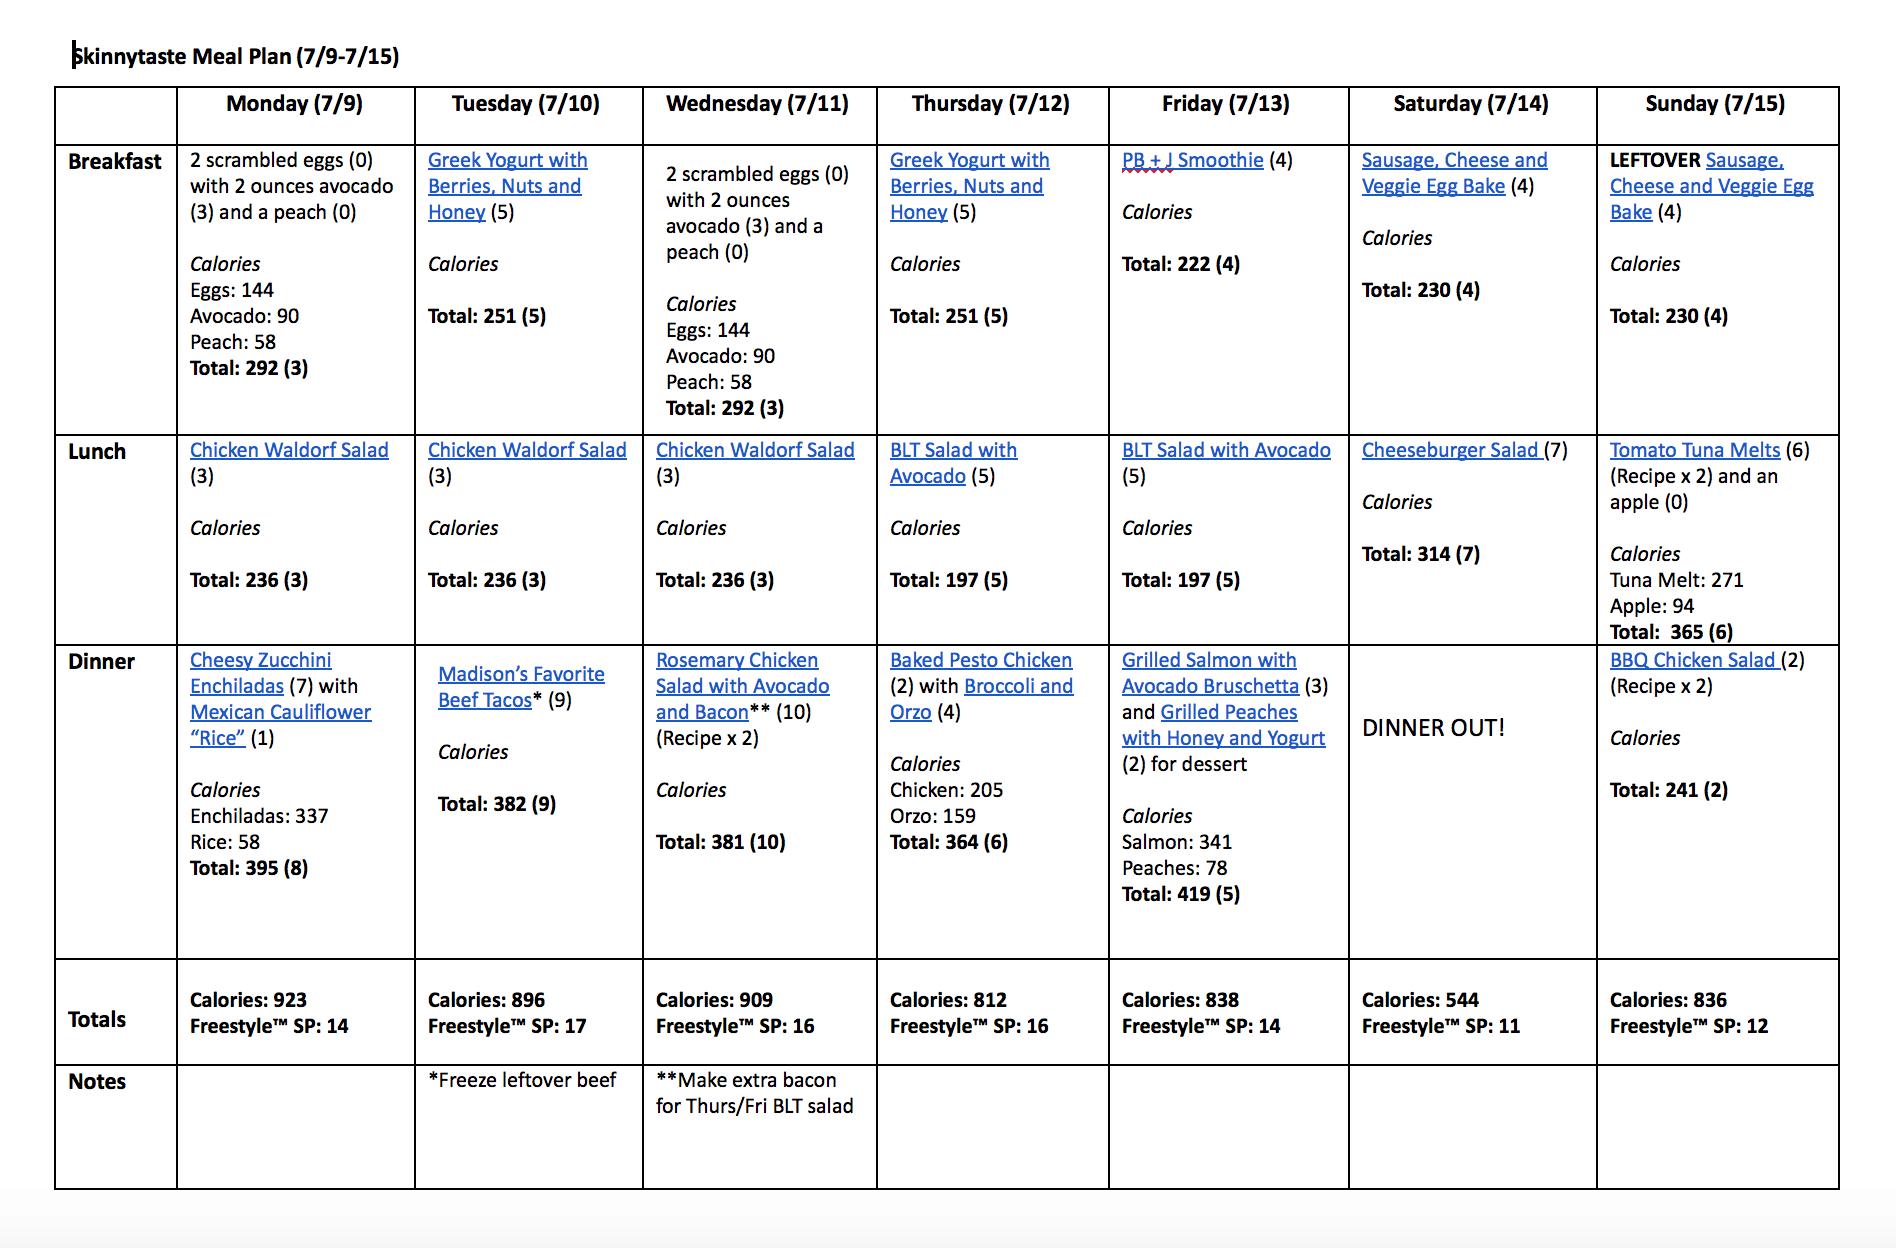 Skinnytaste Meal Plan (July 9-July 15)